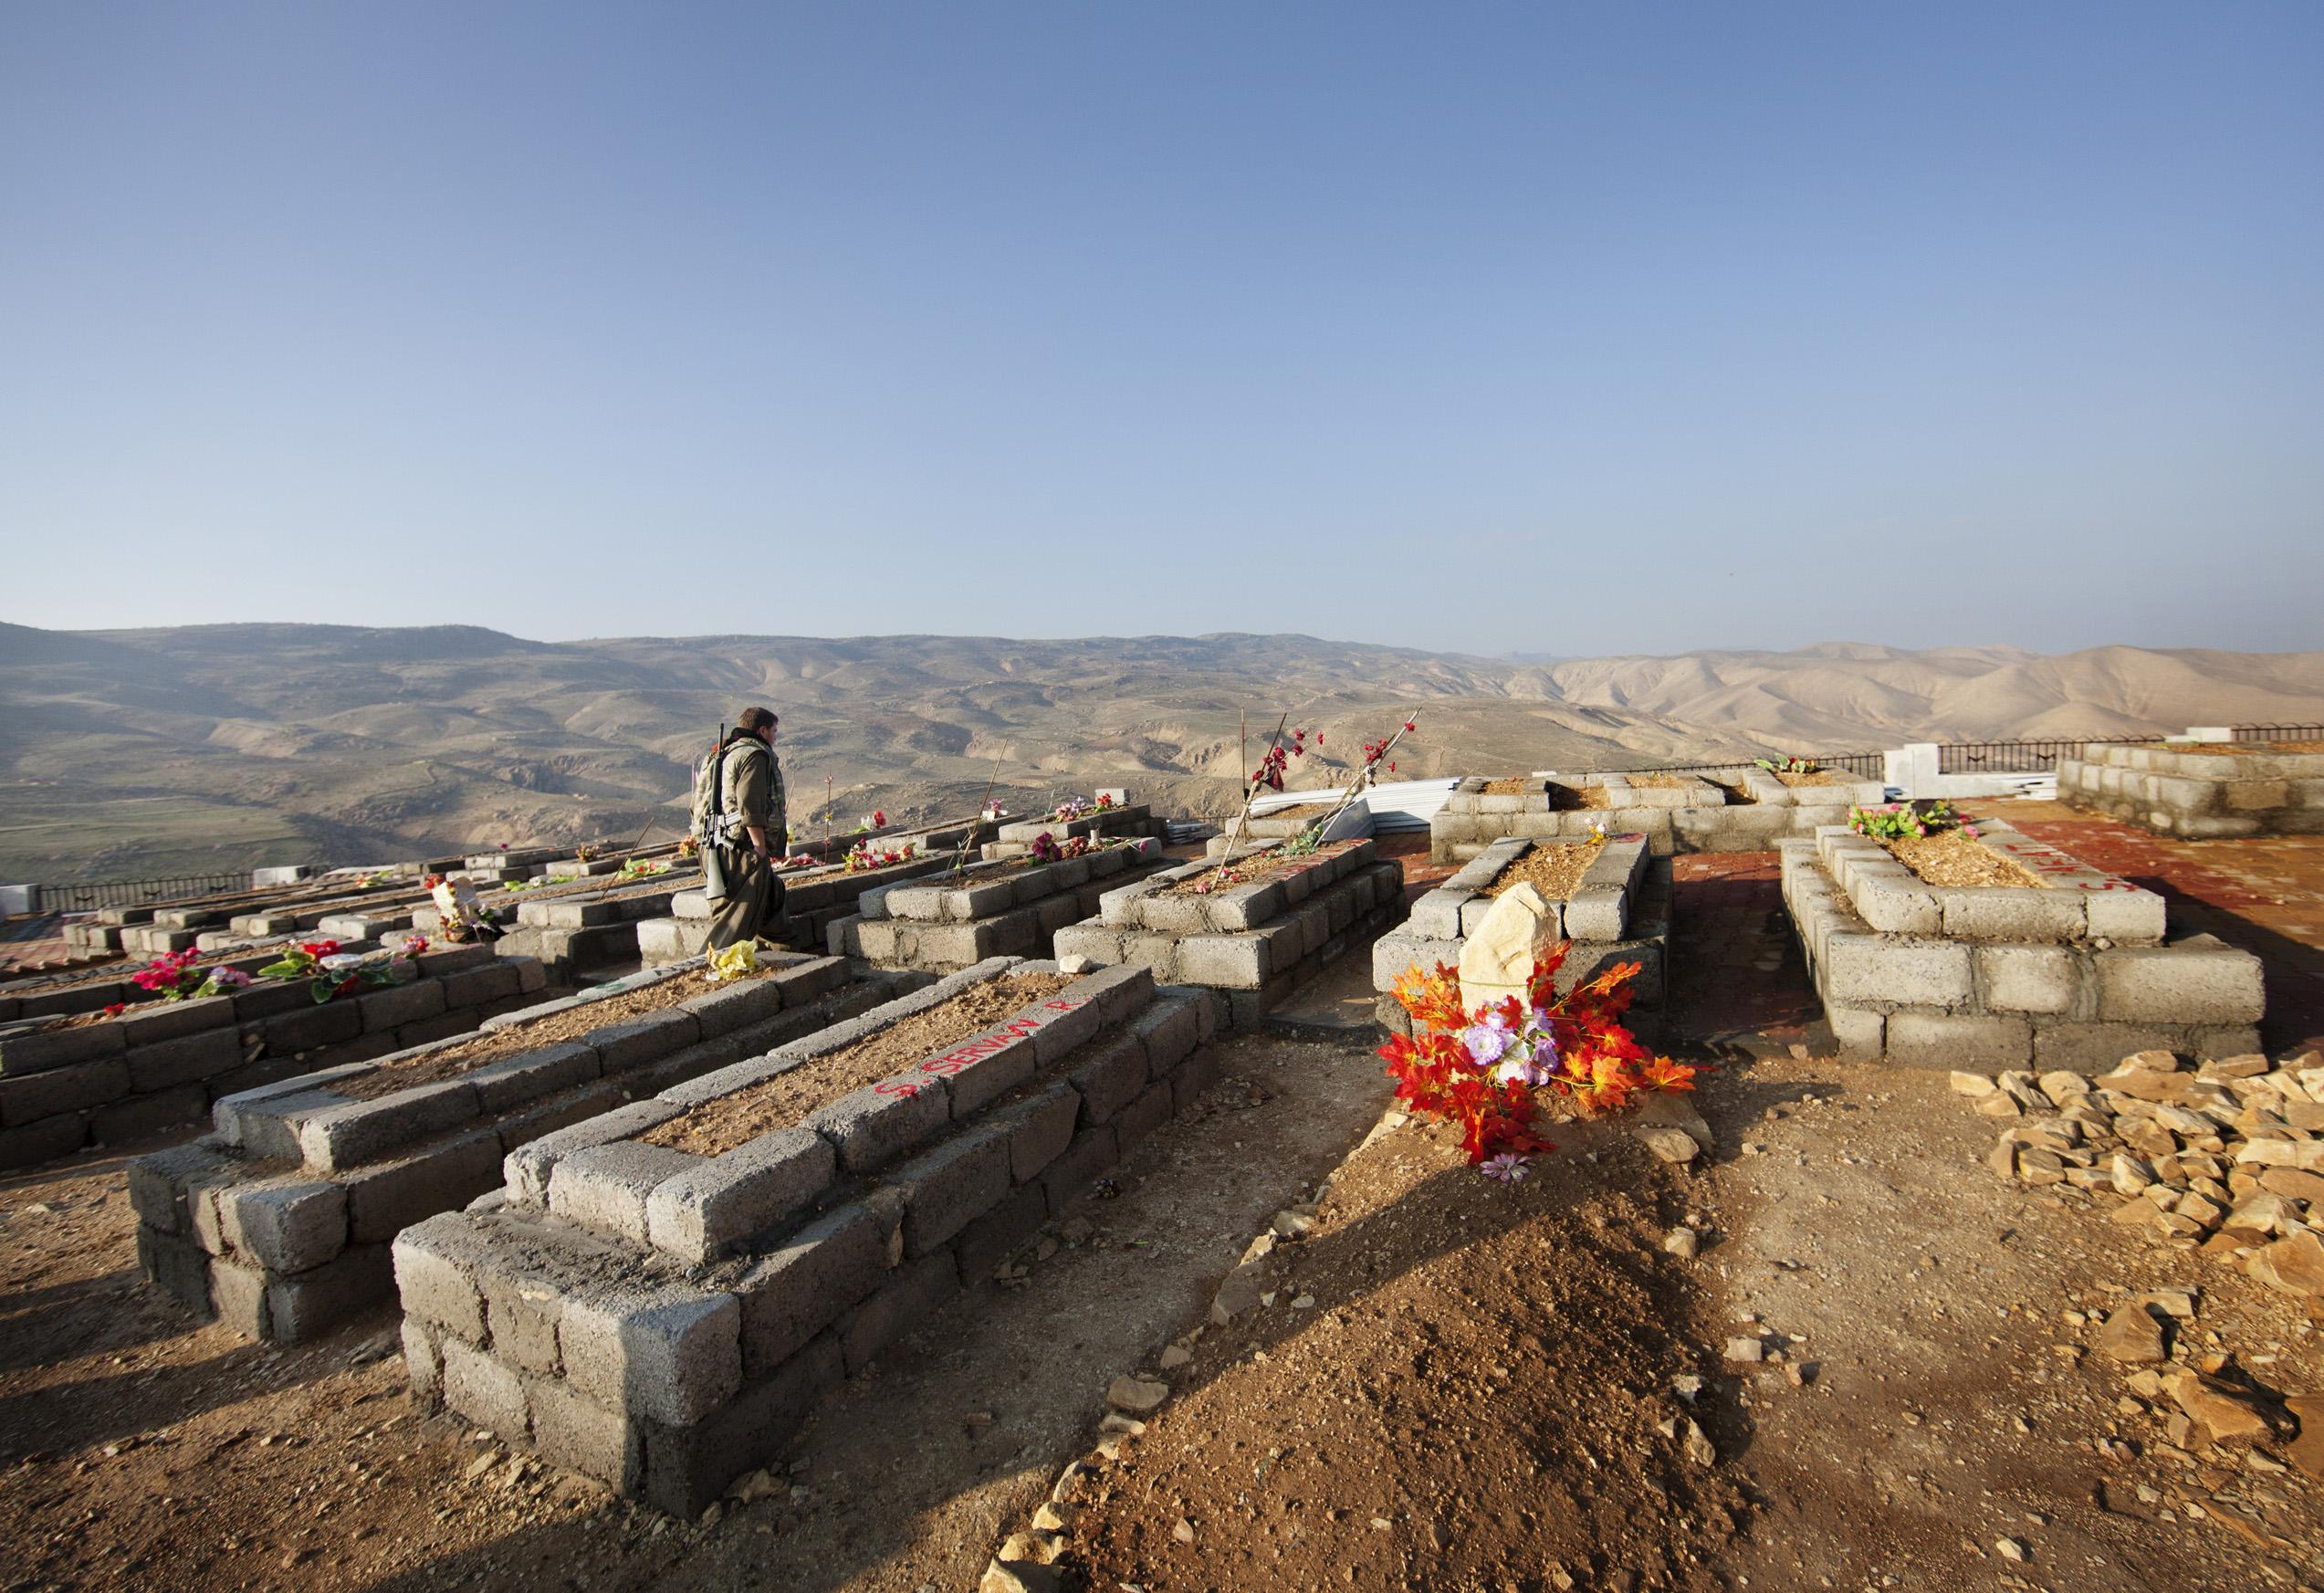 SINJAR, KURDISTAN, IRAQ- FEBRUARY, 2016: Berivan, jeune combattante Yezidie est tombée au combat le 2 février 2016. Elle est entérrée avec les autres martyrs du YBS et du PKK dans un cimetierre sur le mont Sinjar .(picture by Veronique de Viguerie/ Reportage by Getty Images )